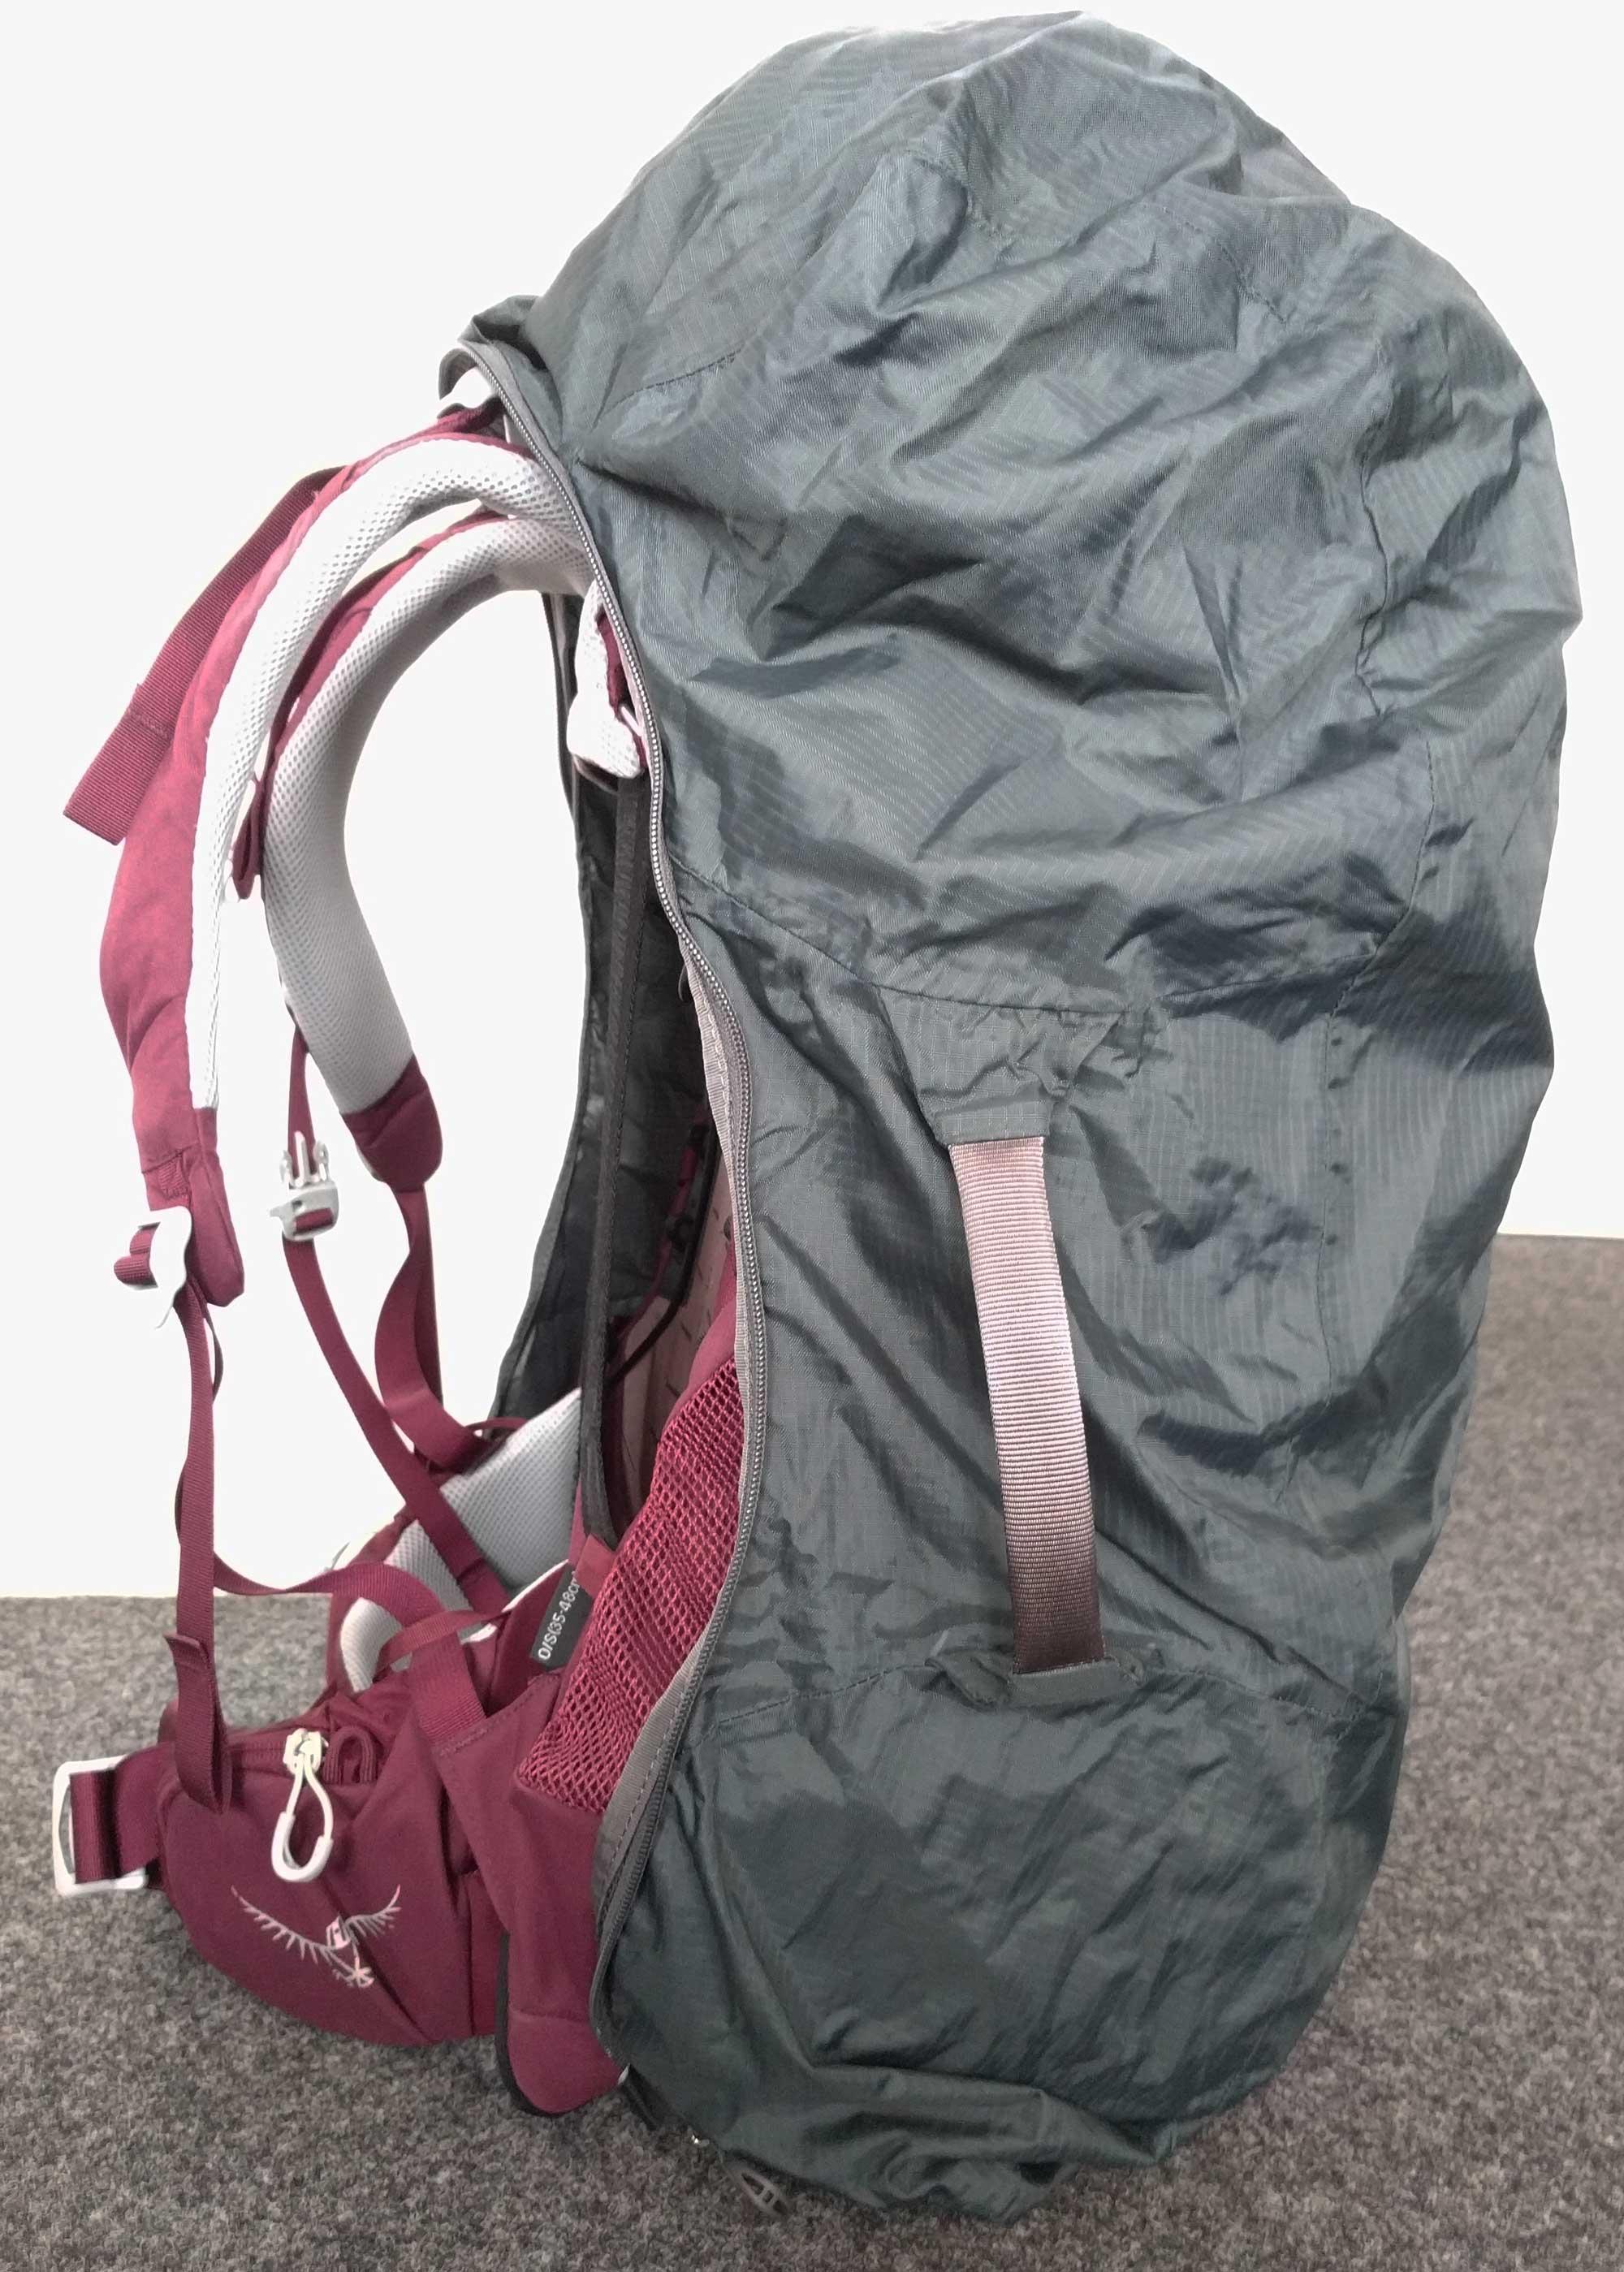 AirCover™ Schutzhülle als Regenschutz für unterwegs